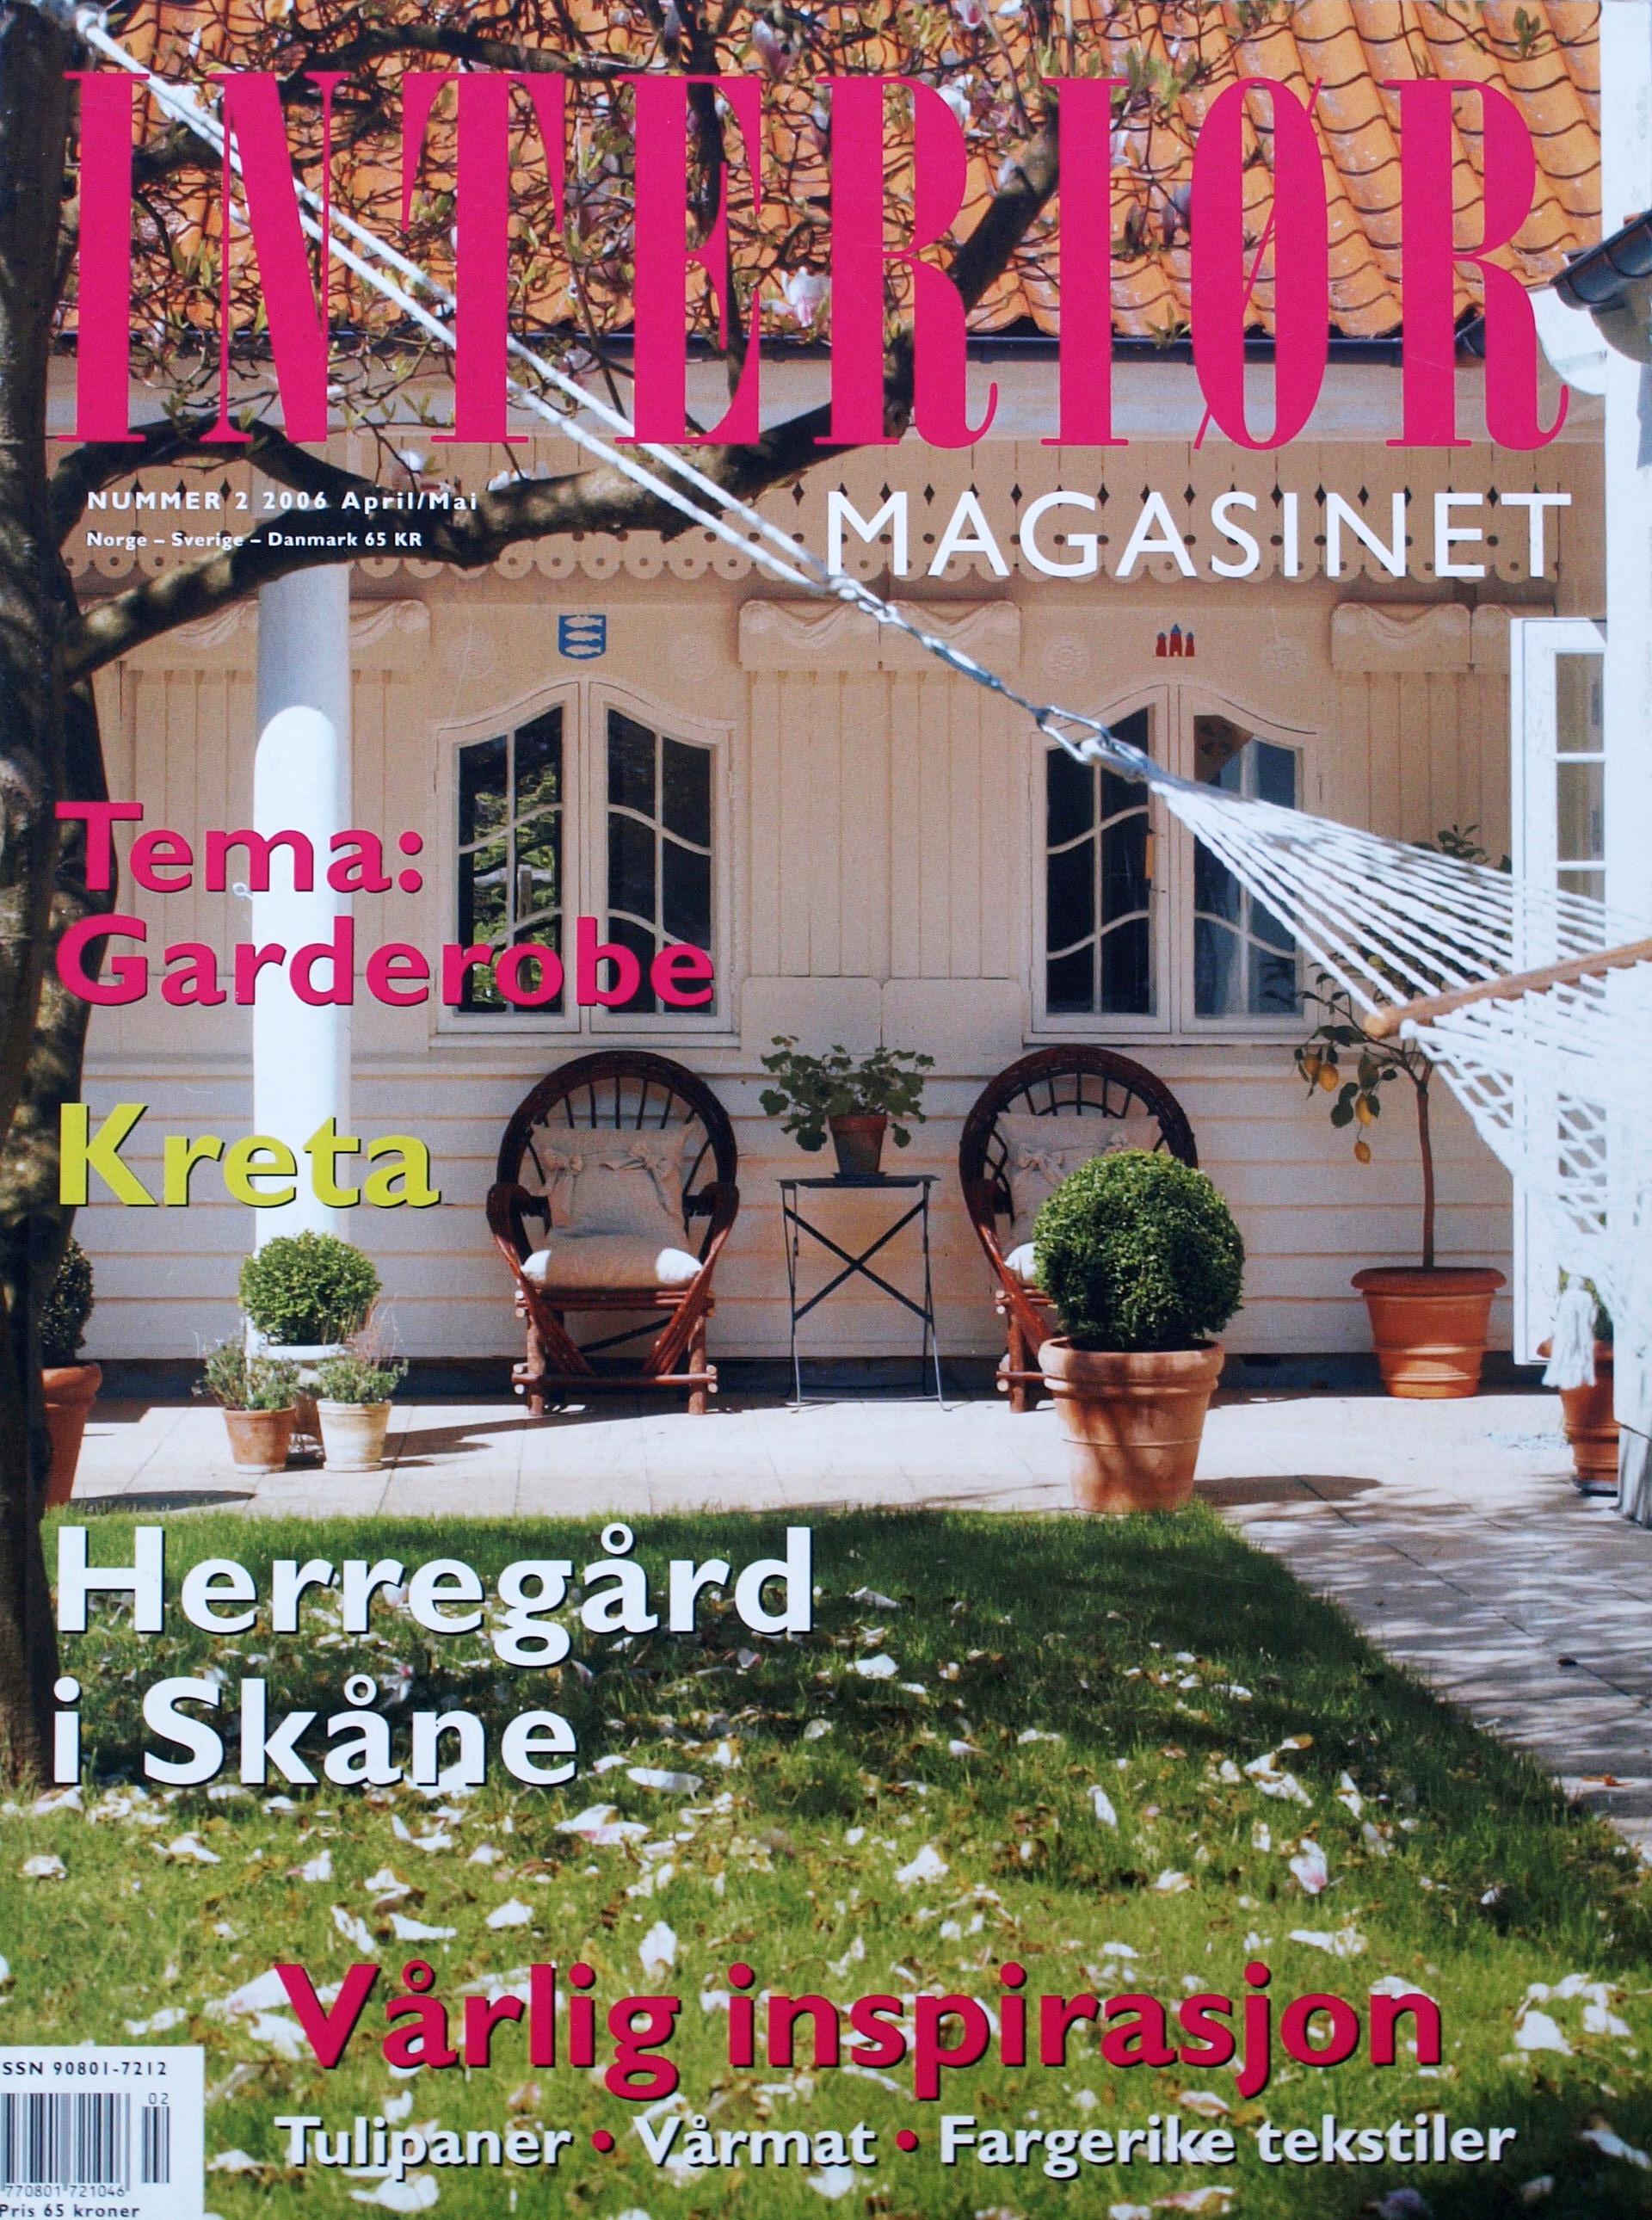 Interiør Magasinet nr.02 2006